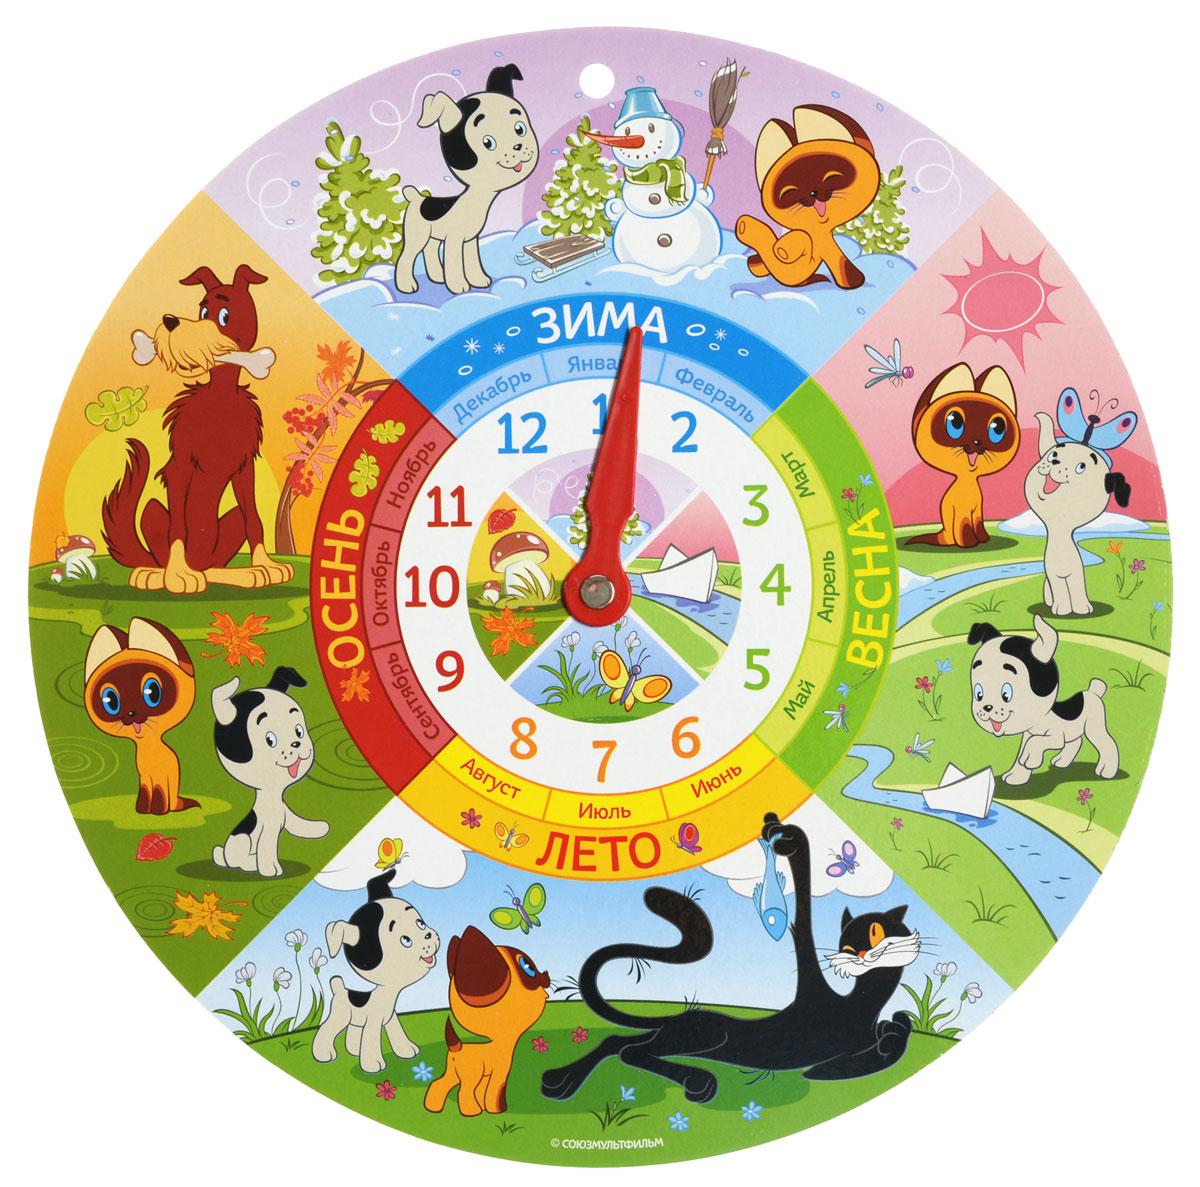 Русский стиль Обучающая игра Часы Котенок Гав03094Обучающая игра Русский стиль Часы Котенок Гав научат ребенка самостоятельно различать времена года, и определять, который сейчас час. Игра выполнена в виде круглых картонных часов с двусторонней печатью и пластиковыми стрелками. С одной стороны часов изображены времена года, разделенные секторами. В каждом секторе нарисованы герои мультфильма про котенка по имени Гав, весело проводящие время в зависимости от времени года. В центре круга находится пластиковый указатель-стрелка, который легко вращается. С другой стороны изображены классические часы с двумя пластиковыми стрелками. Внешний циферблат выполнен в 12-часовом формате времени. Внутренний - в 24-часовом формате времени. По периферии циферблата нарисованы котенок Гав, щенок Шарик и кот. В верхней части часов имеется отверстие, с помощью которого часы можно повесить на веревочку. Обучающая игра Русский стиль Часы Котенок Гав станет отличным подспорьем в освоении малышом деления на времена года...